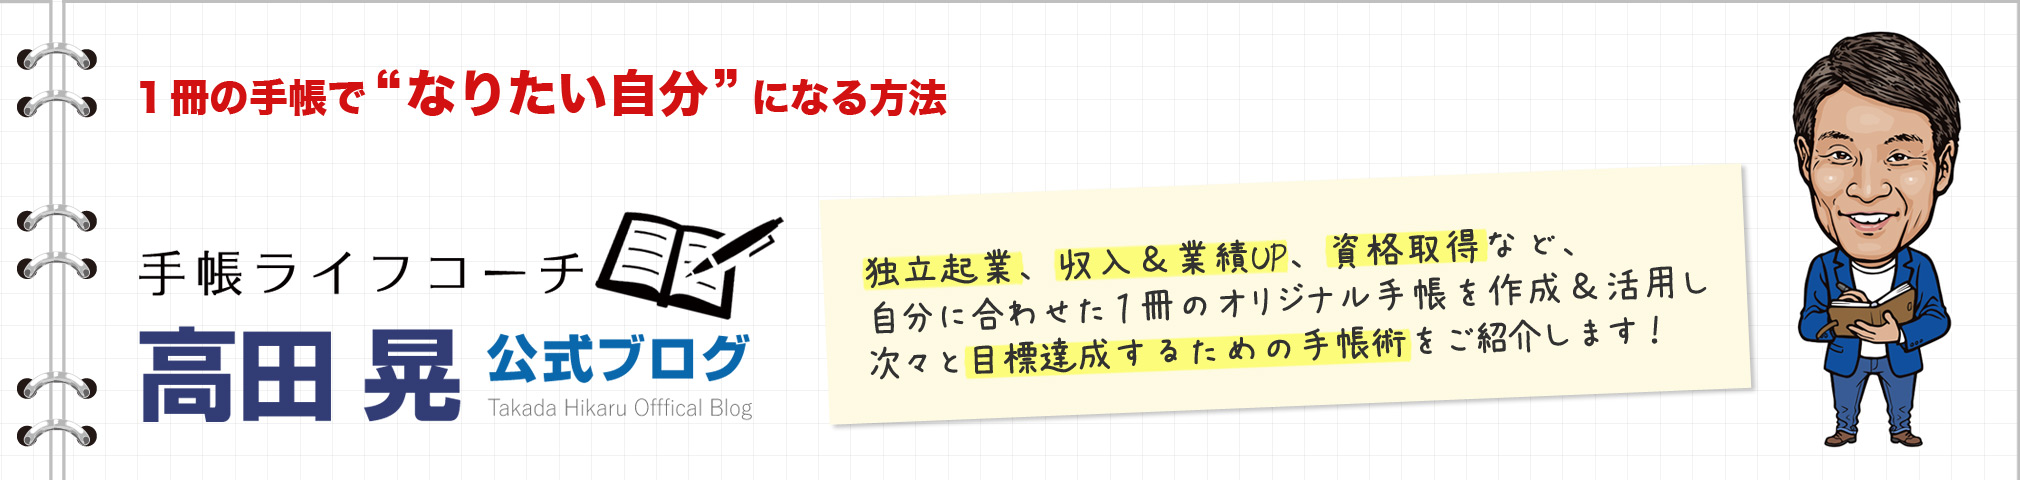 【会員限定】1週間単位でPDCAサイクルを回す週間計画リフィル(A5サイズ・カスタマイズ可) | 手帳ライフコーチ高田晃 公式ブログ